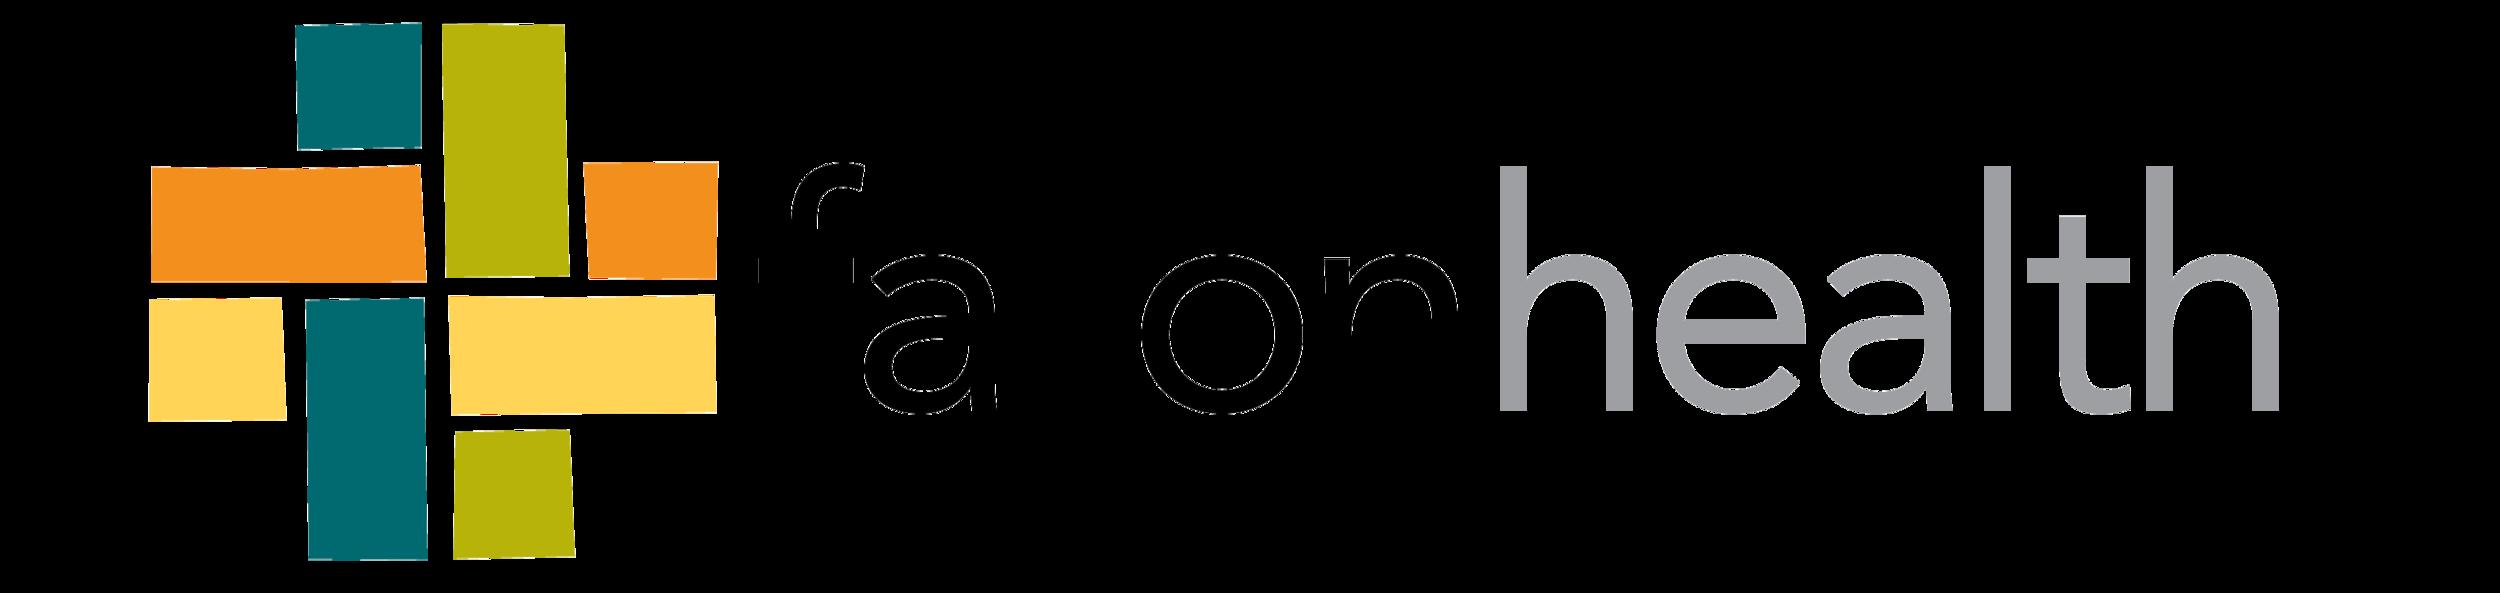 logo-fallonhealth-color.png